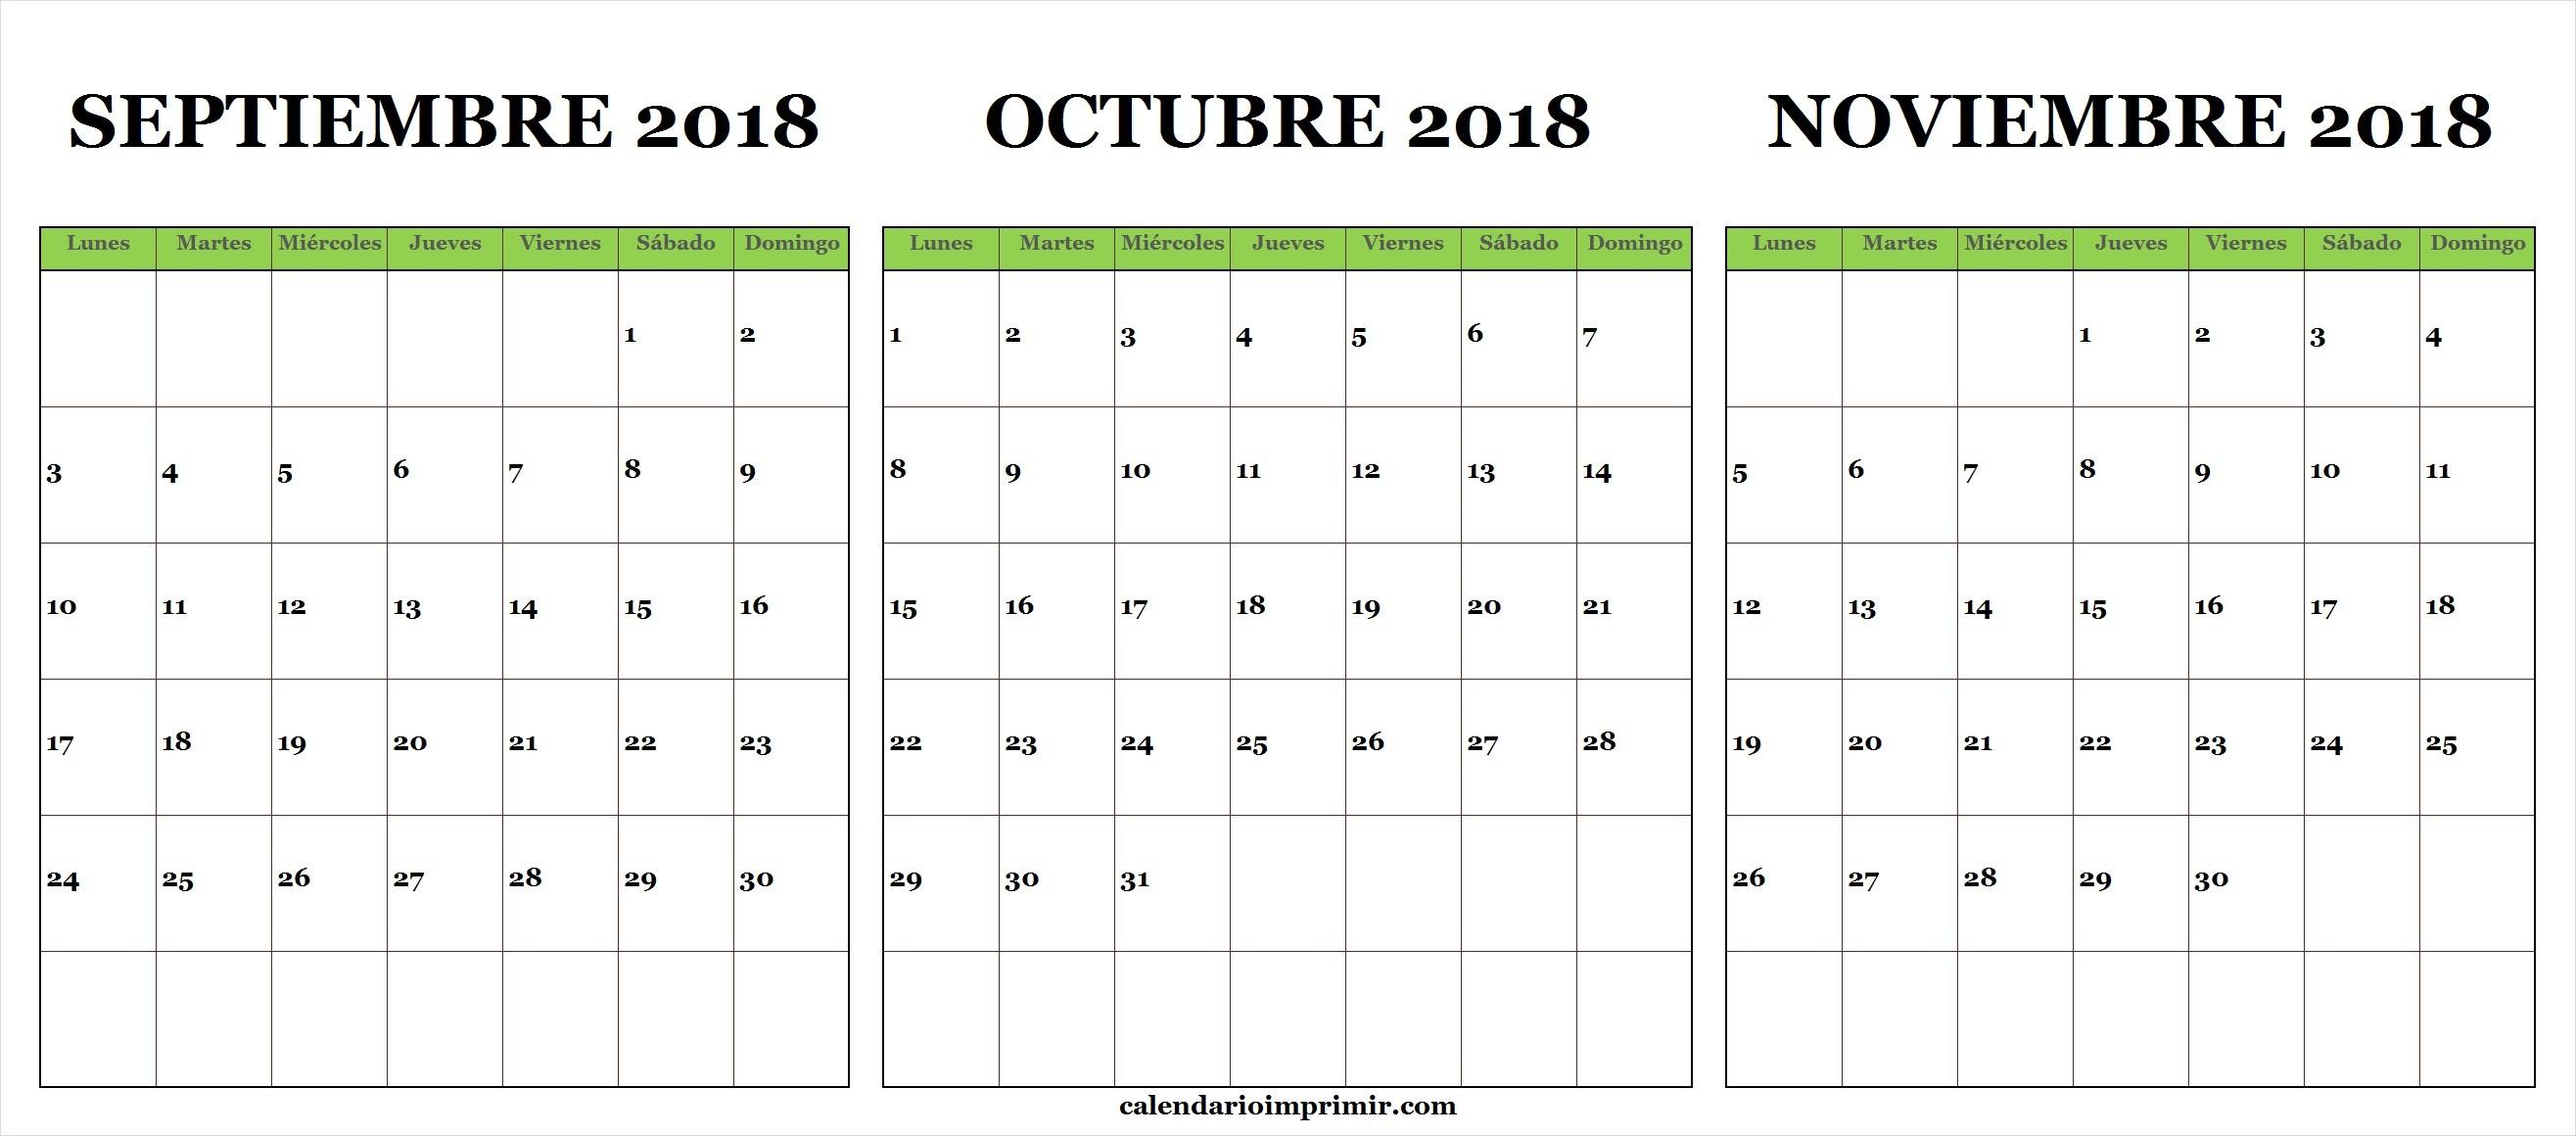 Calendario De Septiembre Octubre Noviembre De 2018 A Partir Del Lunes